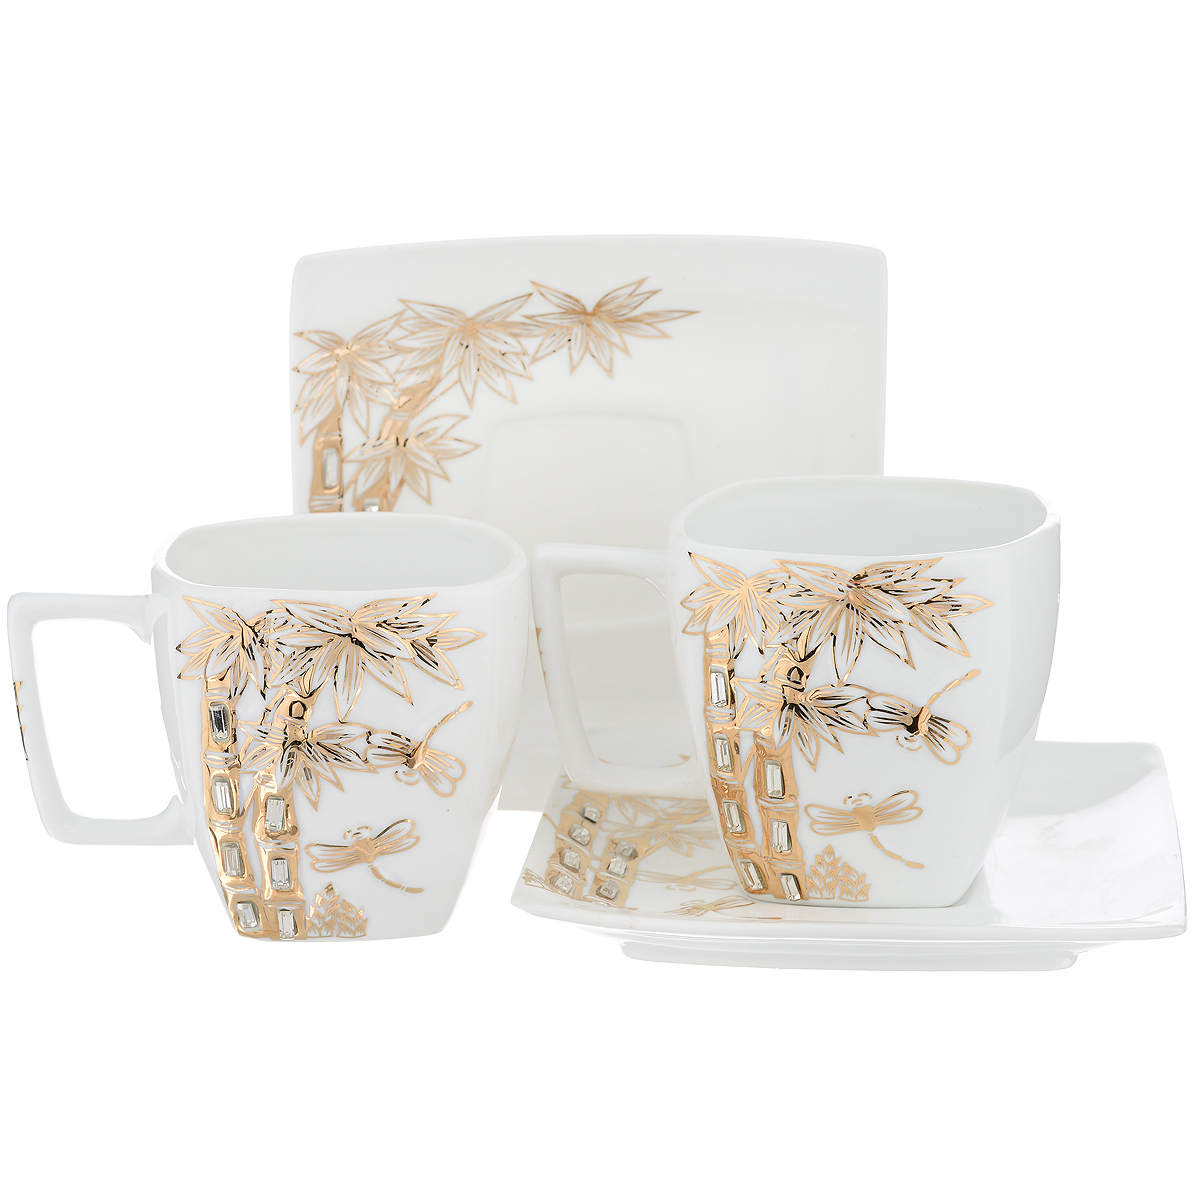 Набор чайный Briswild Золотые пальмы, 4 предмета595-216Чайный набор Briswild Золотые пальмы, выполненный из высококачественного фарфора, состоит из двух чашек и двух блюдец. Изделия декорированы золотистым рельефным изображением пальм и стразами. Элегантный дизайн и совершенные формы предметов набора привлекут к себе внимание и украсят интерьер вашей кухни. Чайный набор Briswild Золотые пальмы идеально подойдет для сервировки стола и станет отличным подарком к любому празднику.Чайный набор упакован в подарочную коробку. Внутренняя часть коробки задрапирована белым атласом. Не использовать в микроволновой печи. Не применять абразивные чистящие вещества.